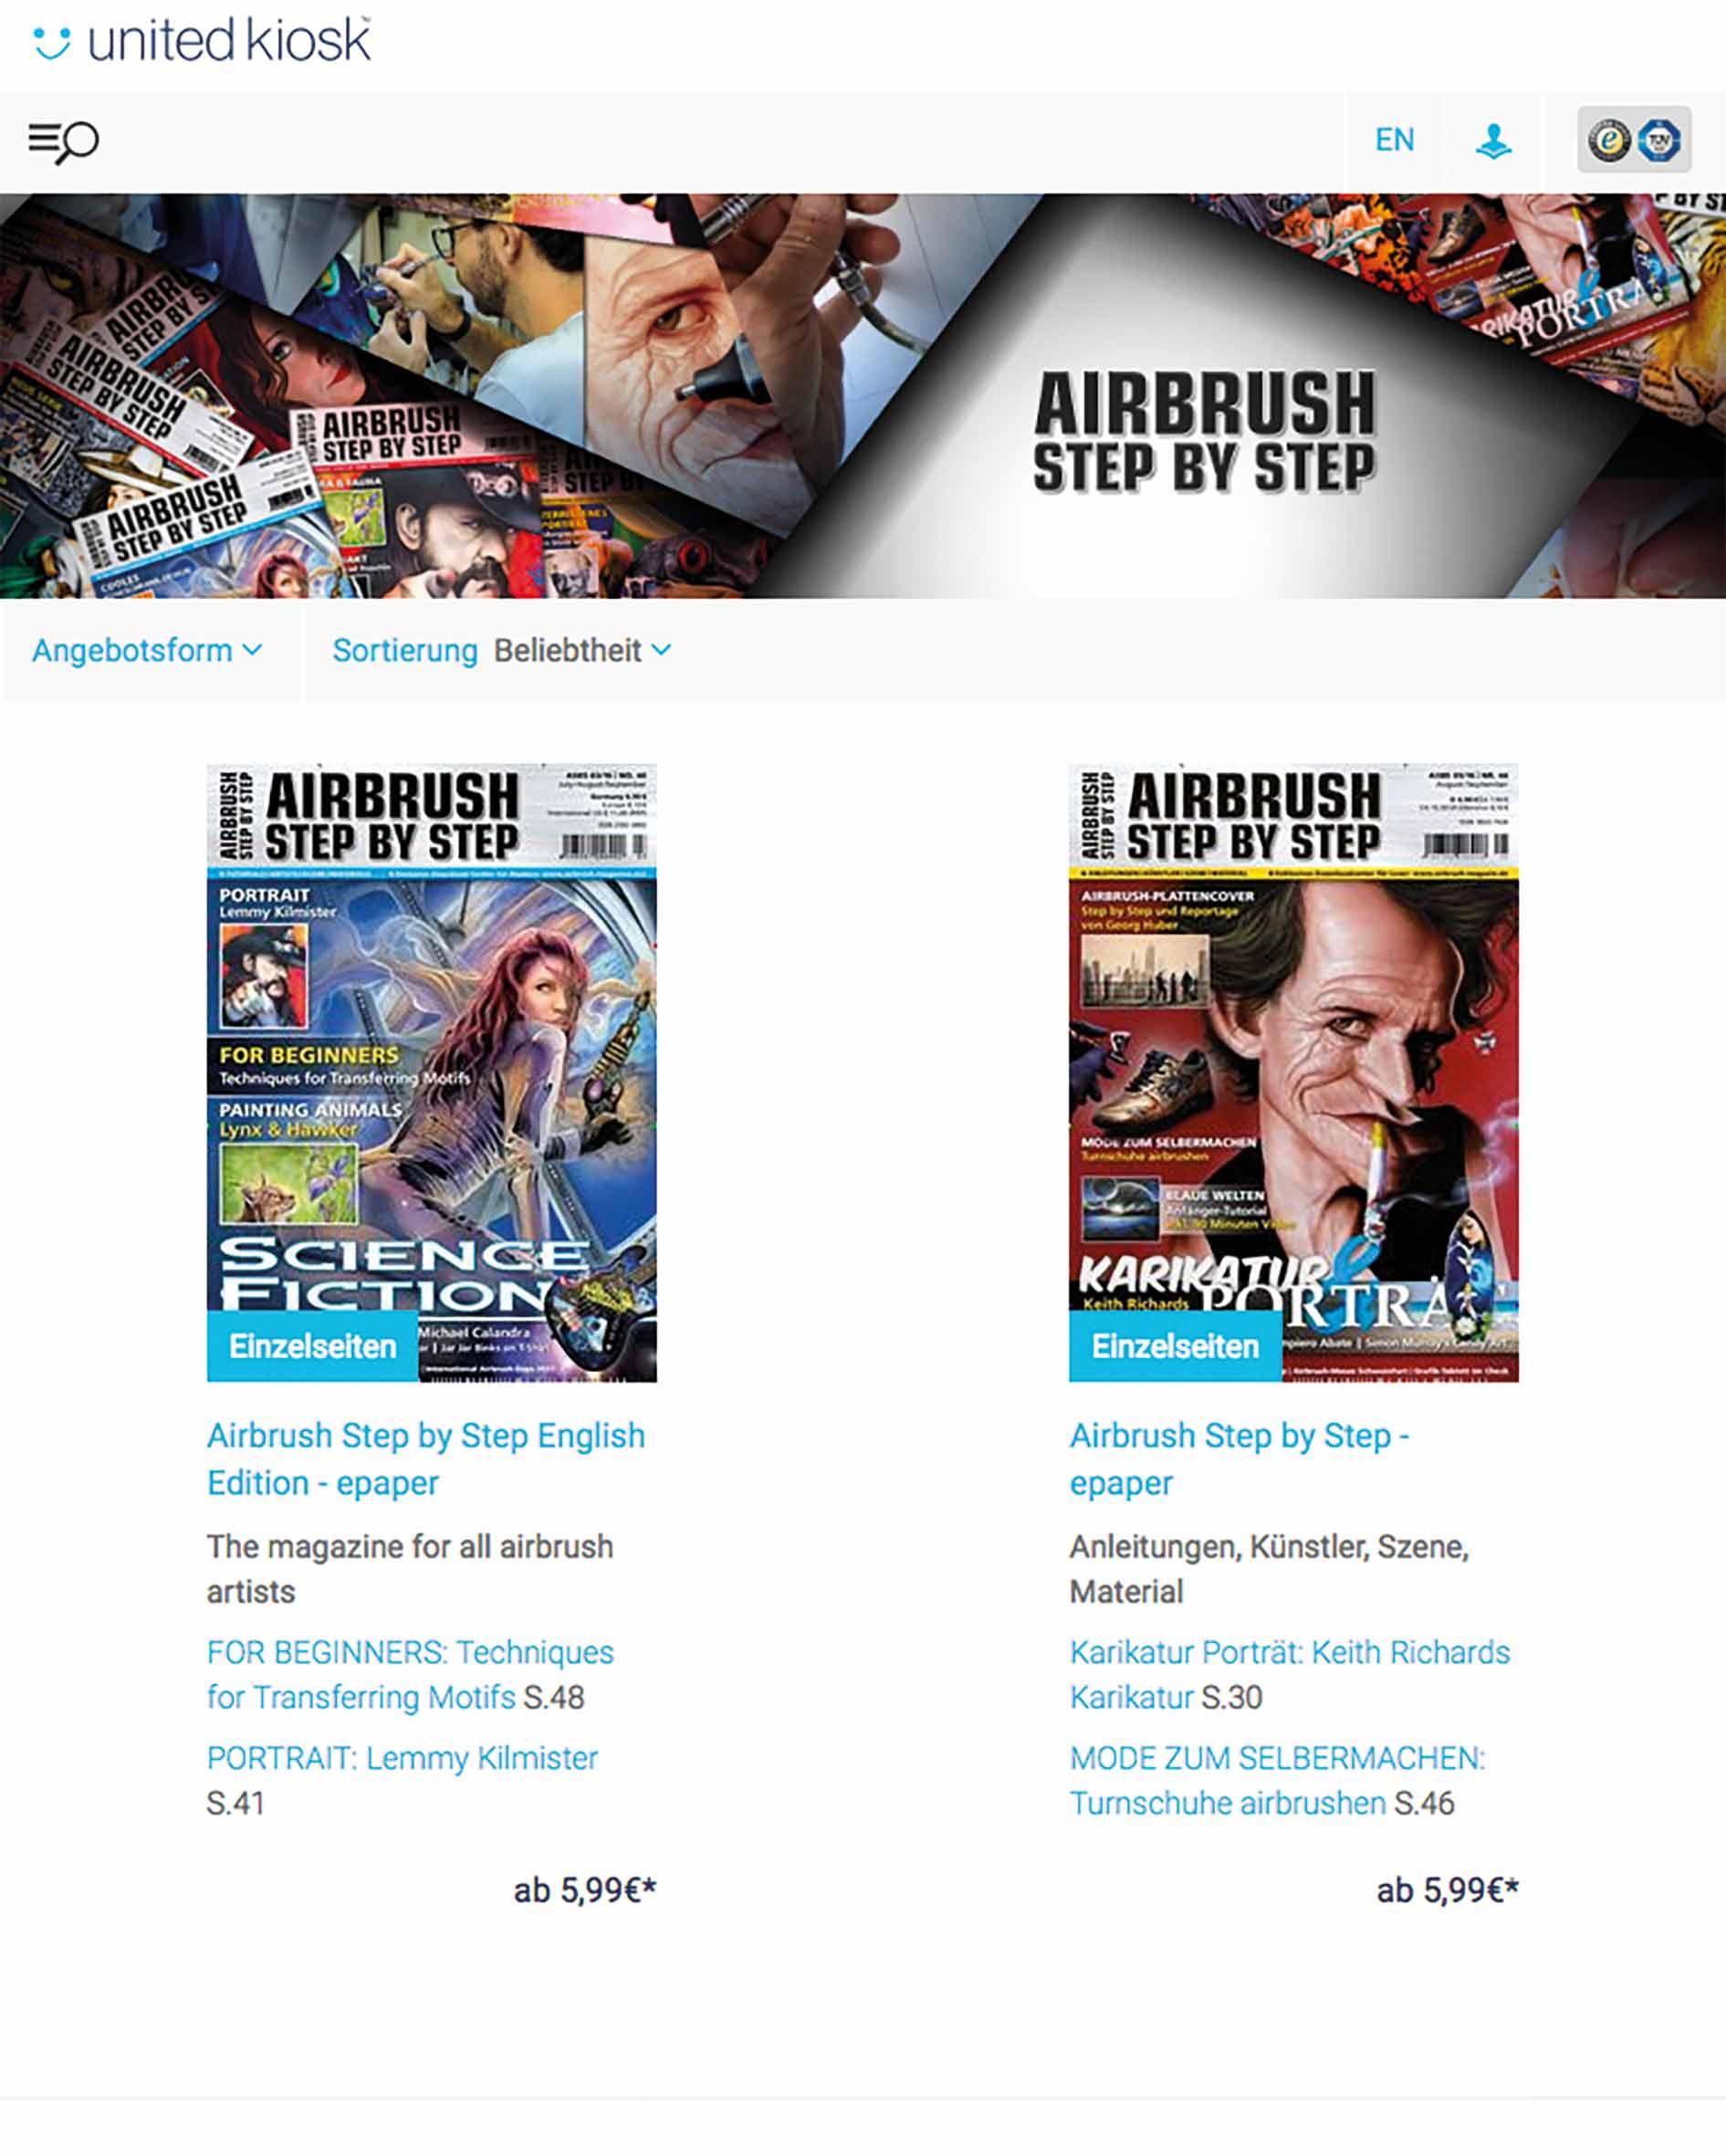 Neue Airbrush Step by Step epaper-Plattform und digitales Abonnement